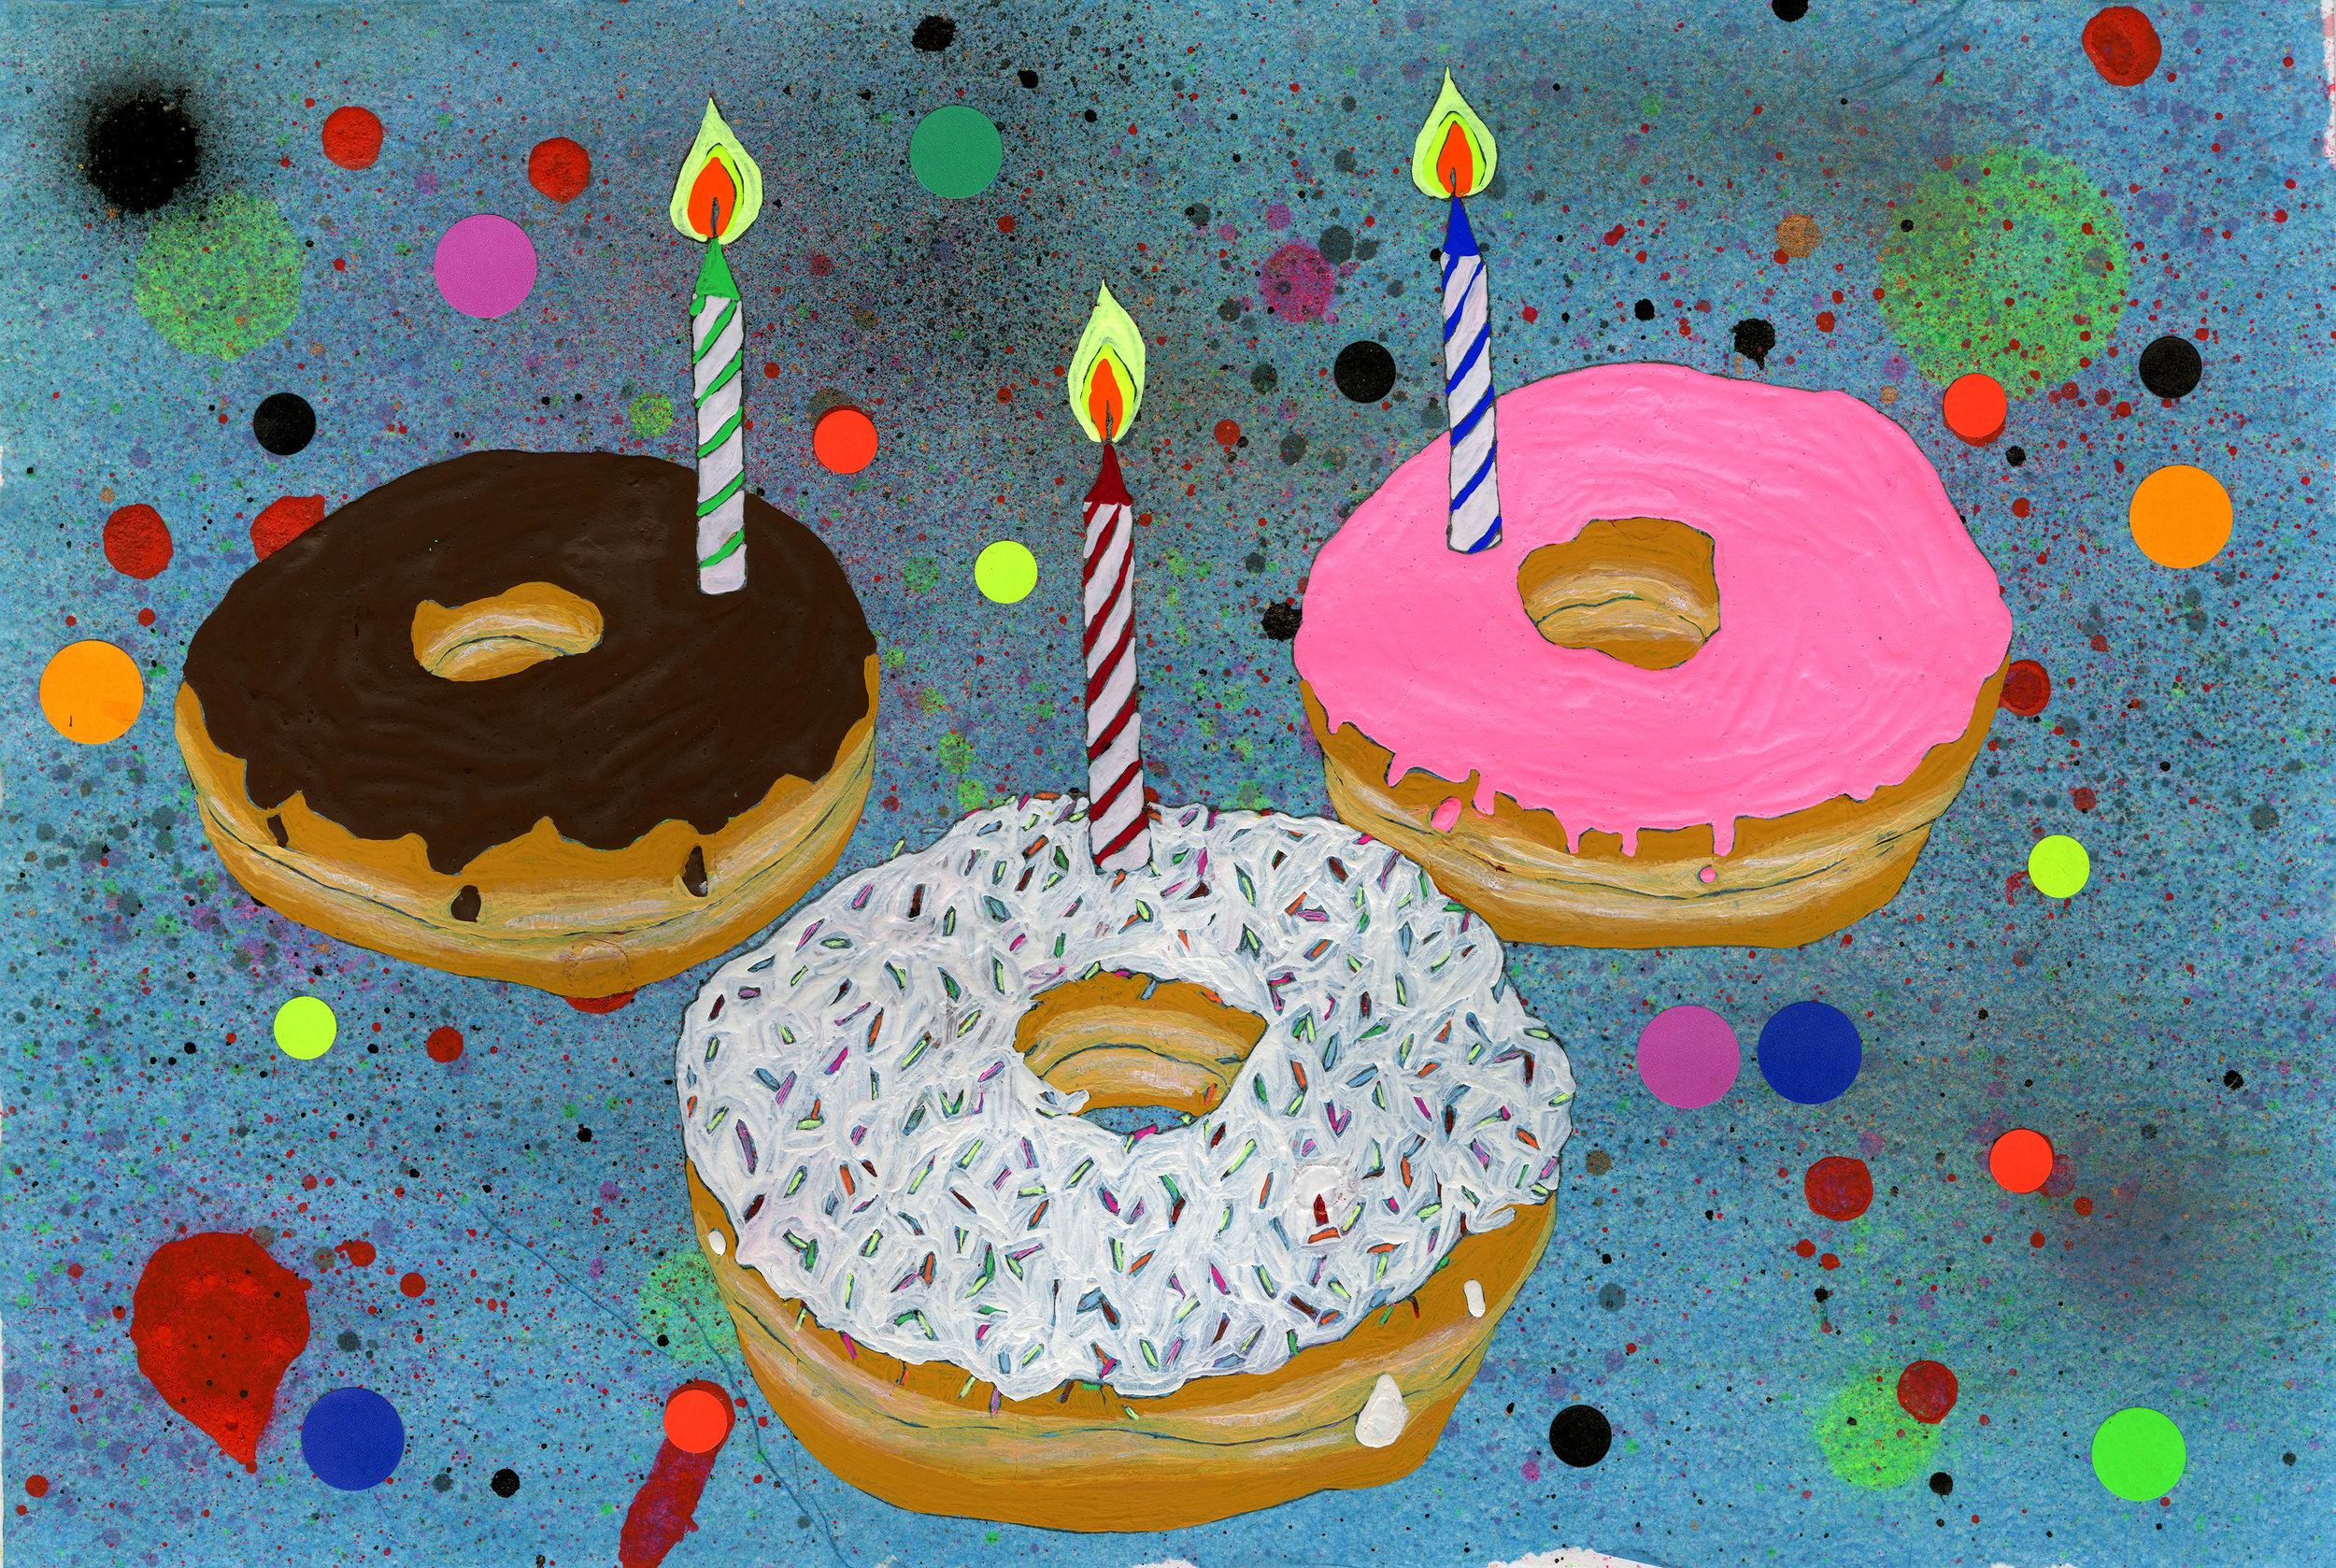 Donut Birthday Cake.jpg